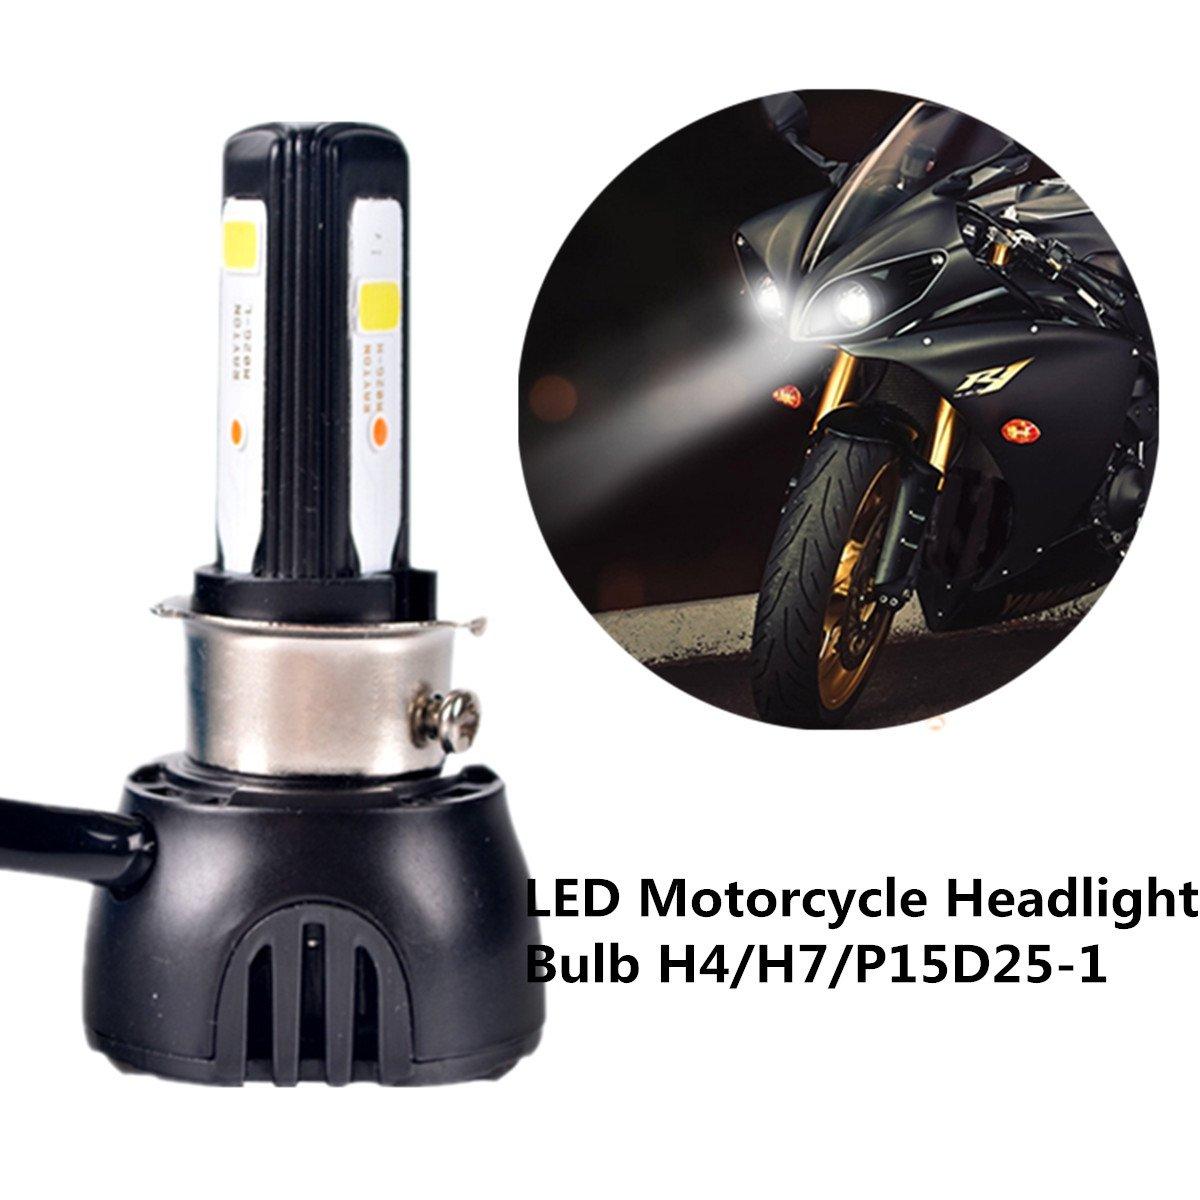 FEZZ Lampadina LED 40W H4 H6 S2 BA20D P15D25-1 per Faro Moto Lampadine Luce con Ventilatore di Raffreddamento 3 LED Hi Lo Fascio 4600Lm 6000k FZ0120